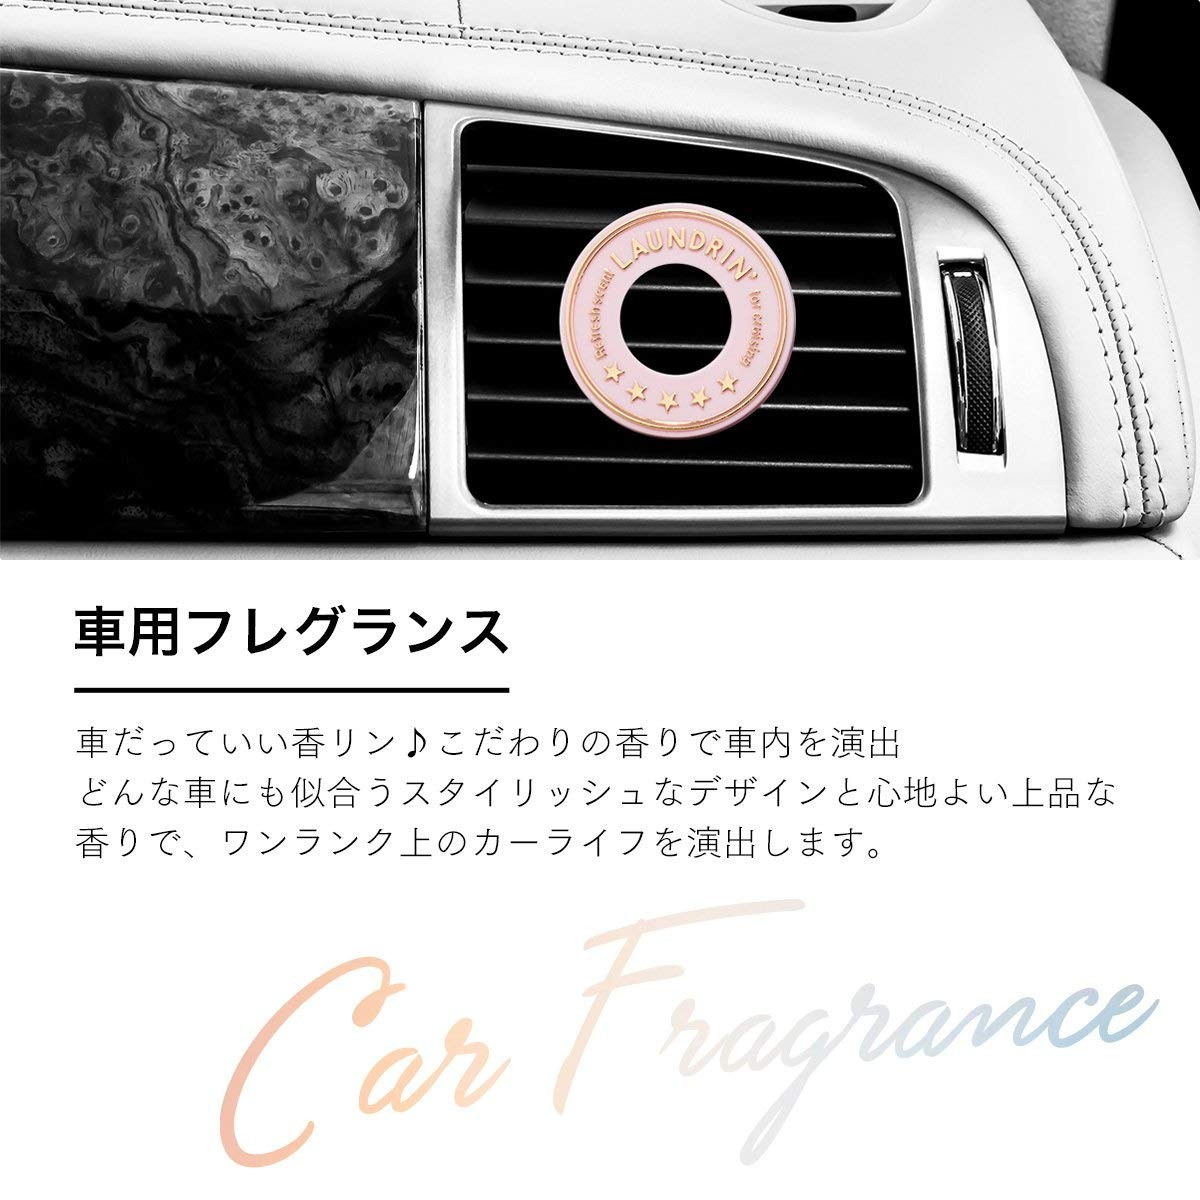 ネイチャーラボYahoo公式:【3個セット販売】ランドリン 車用フレグランス クラシックフローラル・イメージ写真4